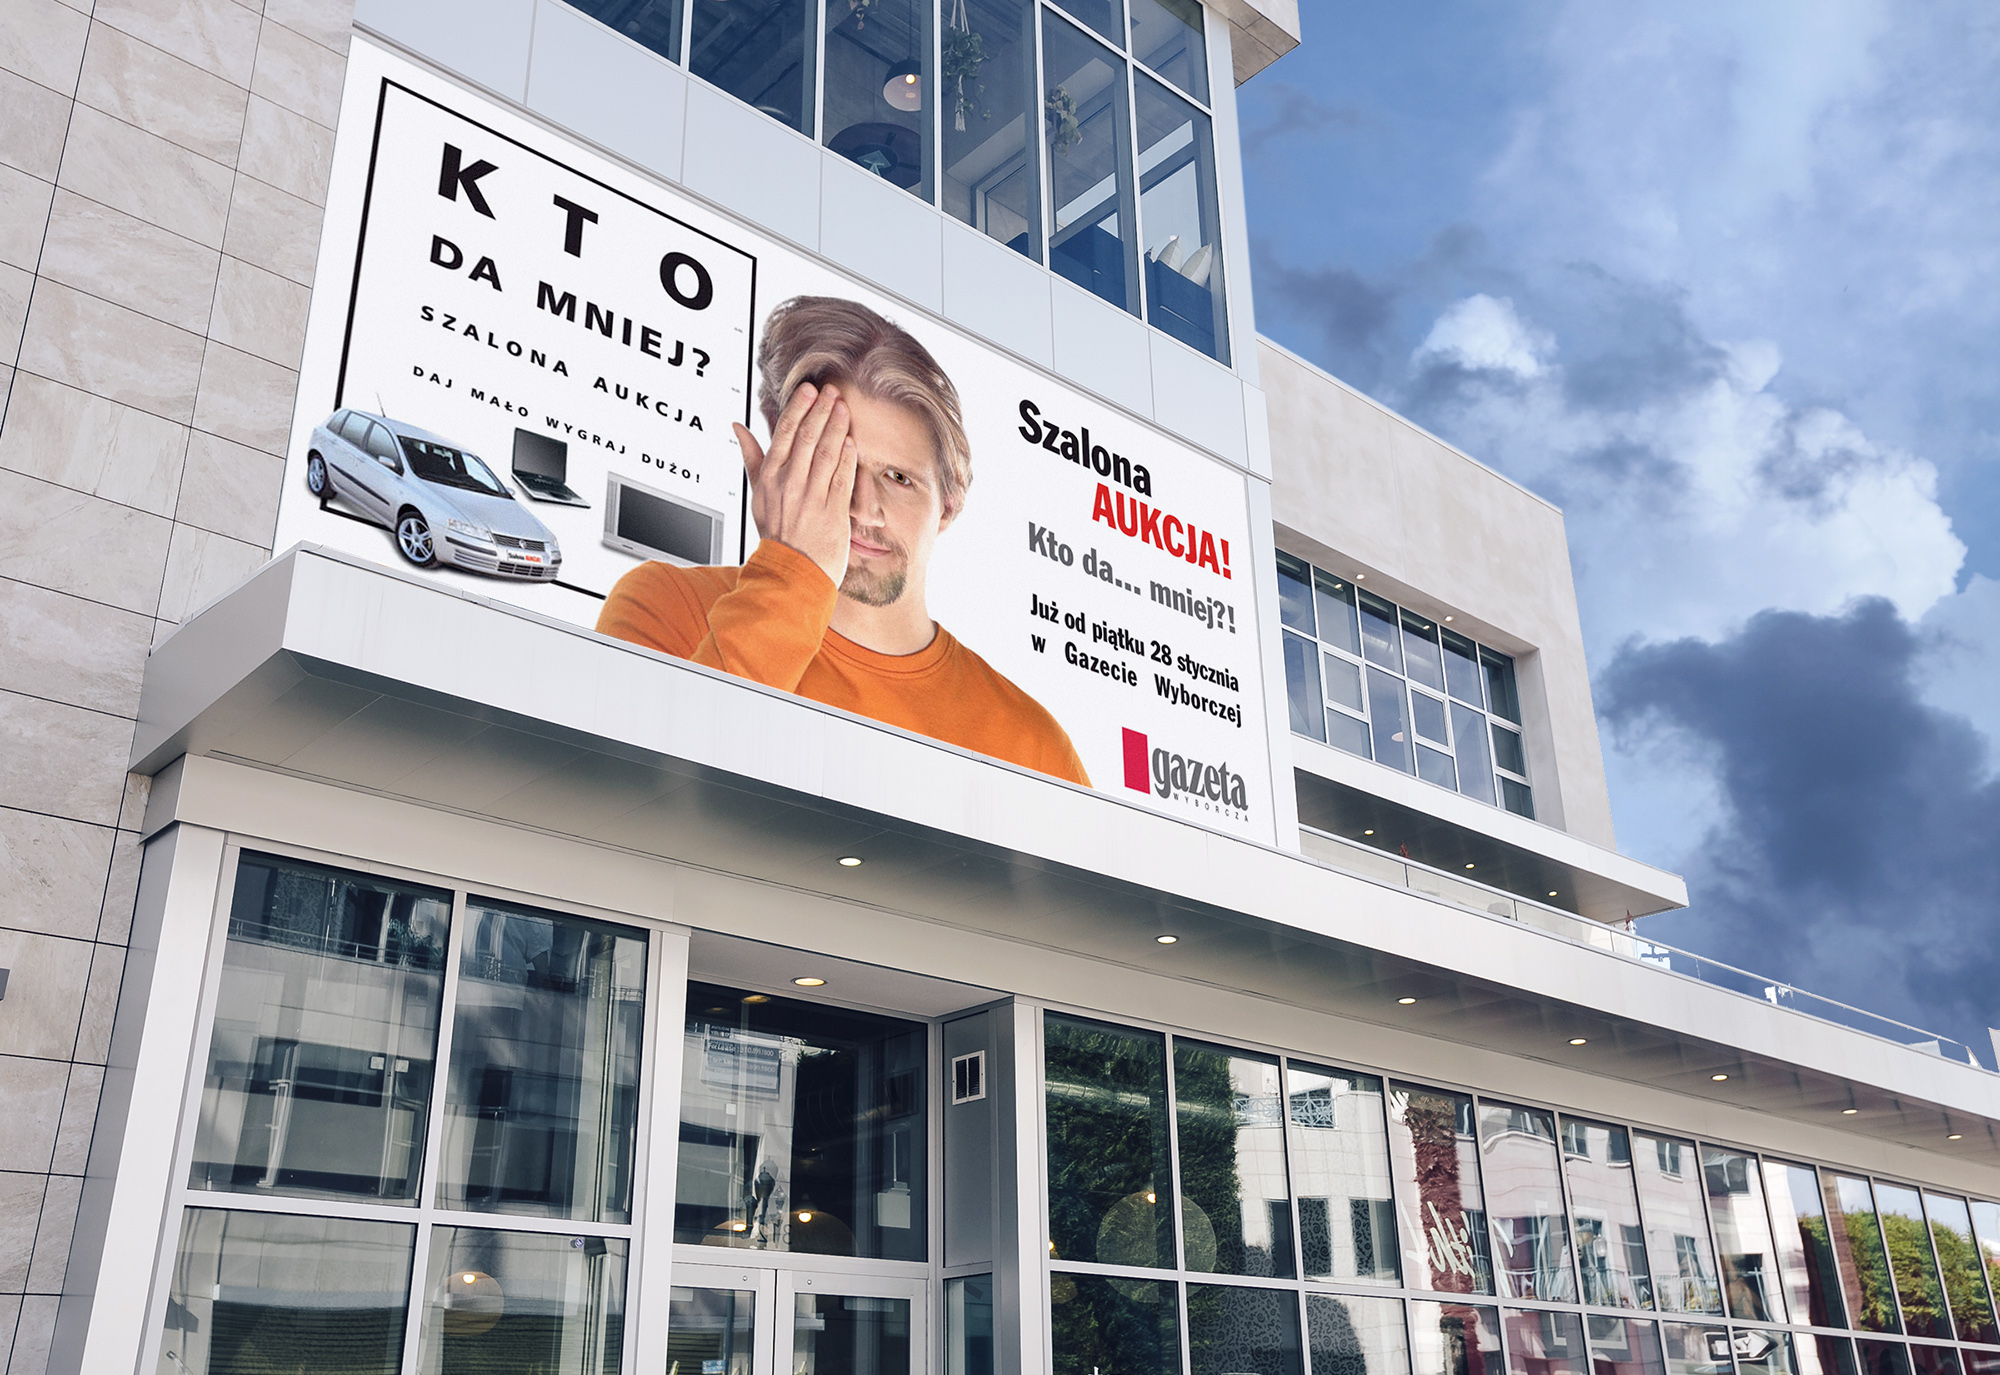 outdoor, plakat reklamowy gazeta wyborcza konkurs aukcja, projekty graficzne, design newspaper, ilustracja, concept art, key visual, art designer Ireneusz Bloch